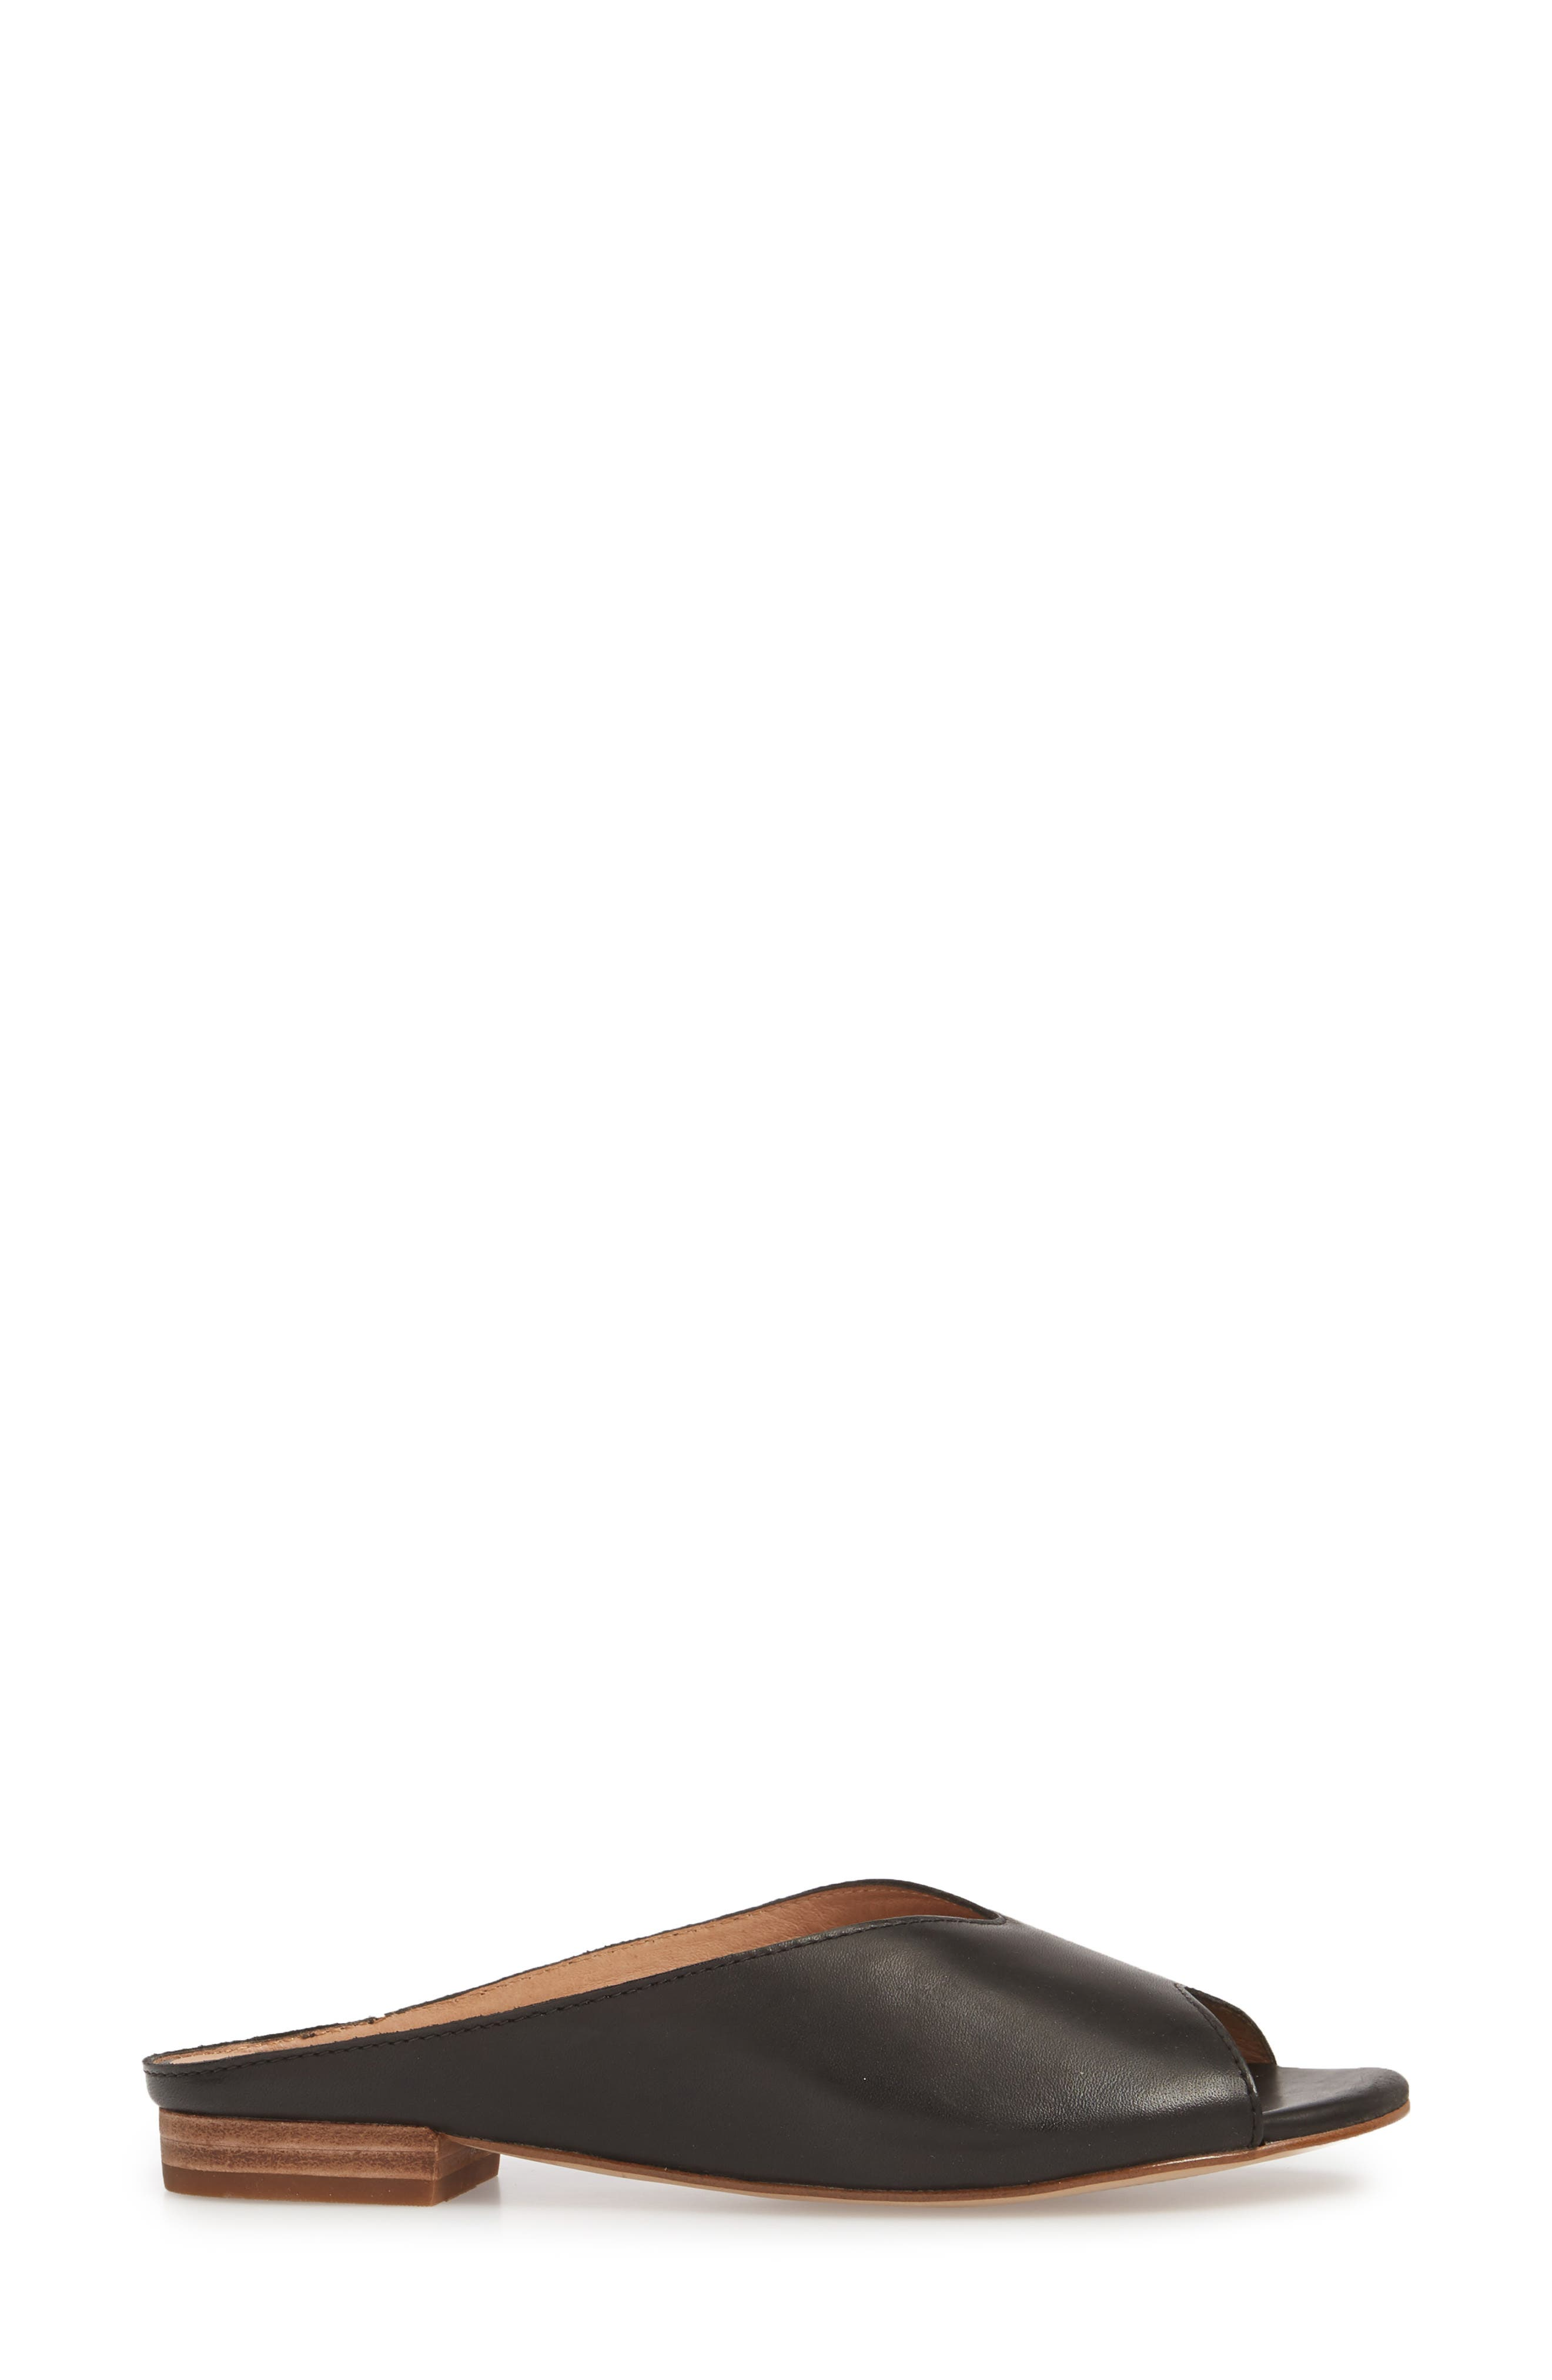 Tavi Slide Sandal,                             Alternate thumbnail 7, color,